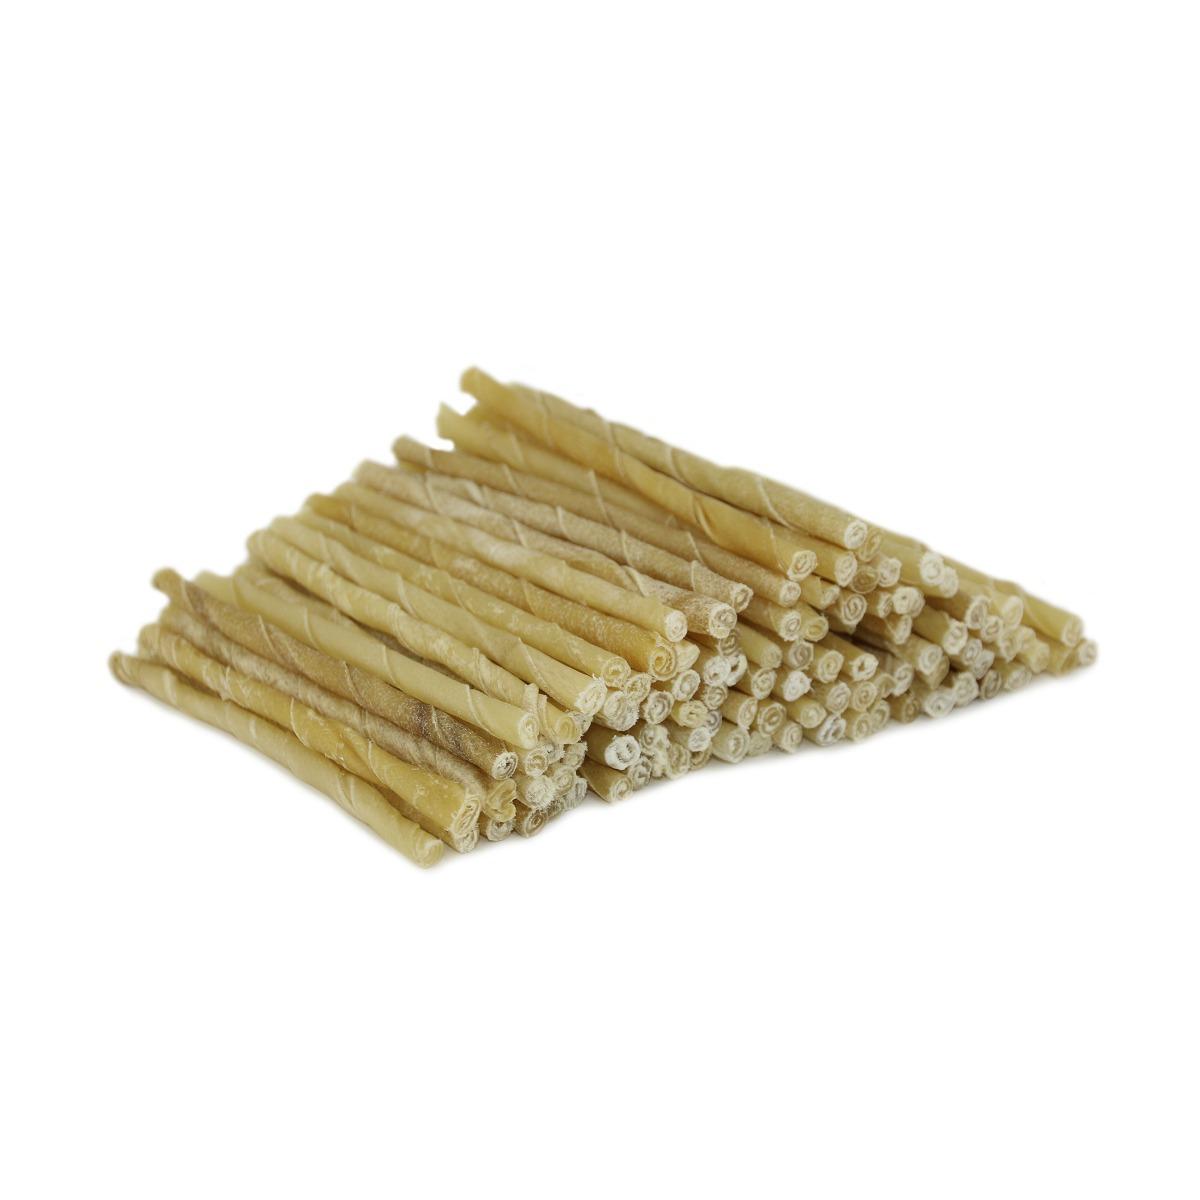 een toevoegingen, zuiver natuurlijk product Ongelooide binnenste huidlaag van runderen (Rawhide) Voor lang kauwplezier. Voor een schoon gebit en ter voorkoming van tandplak. De natuurlijke tandenborstel van je hond. Volledig verteerbaar. Lengte ca 13 cm, 3-5 mm dik.